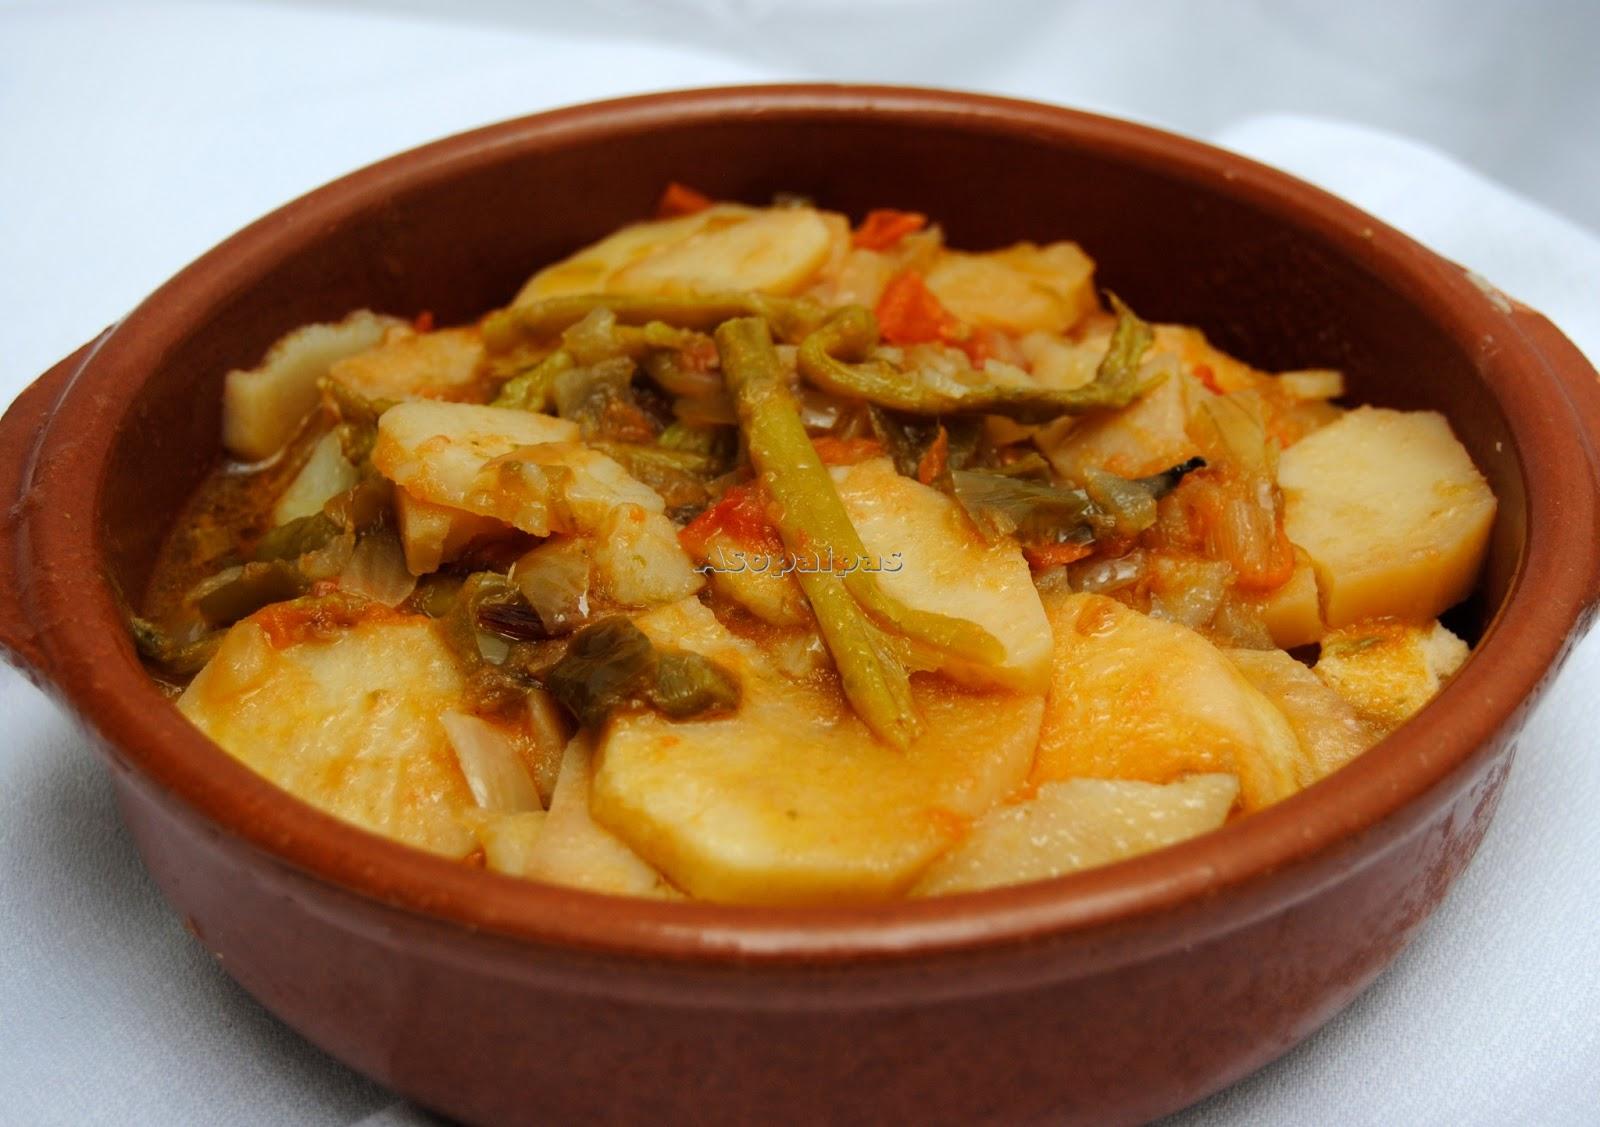 Sopas perotas recetas asopaipas recetas de cocina casera for Recetas cocina casera